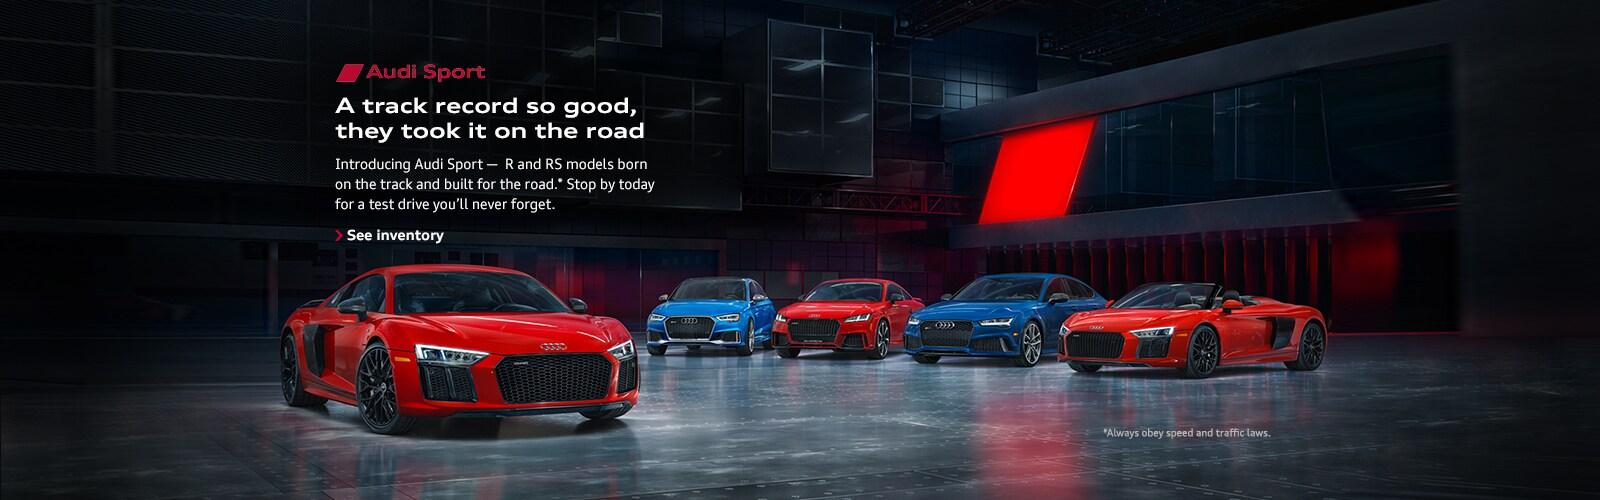 Audi Fresno New Audi Dealership In Fresno CA - Audi car lot